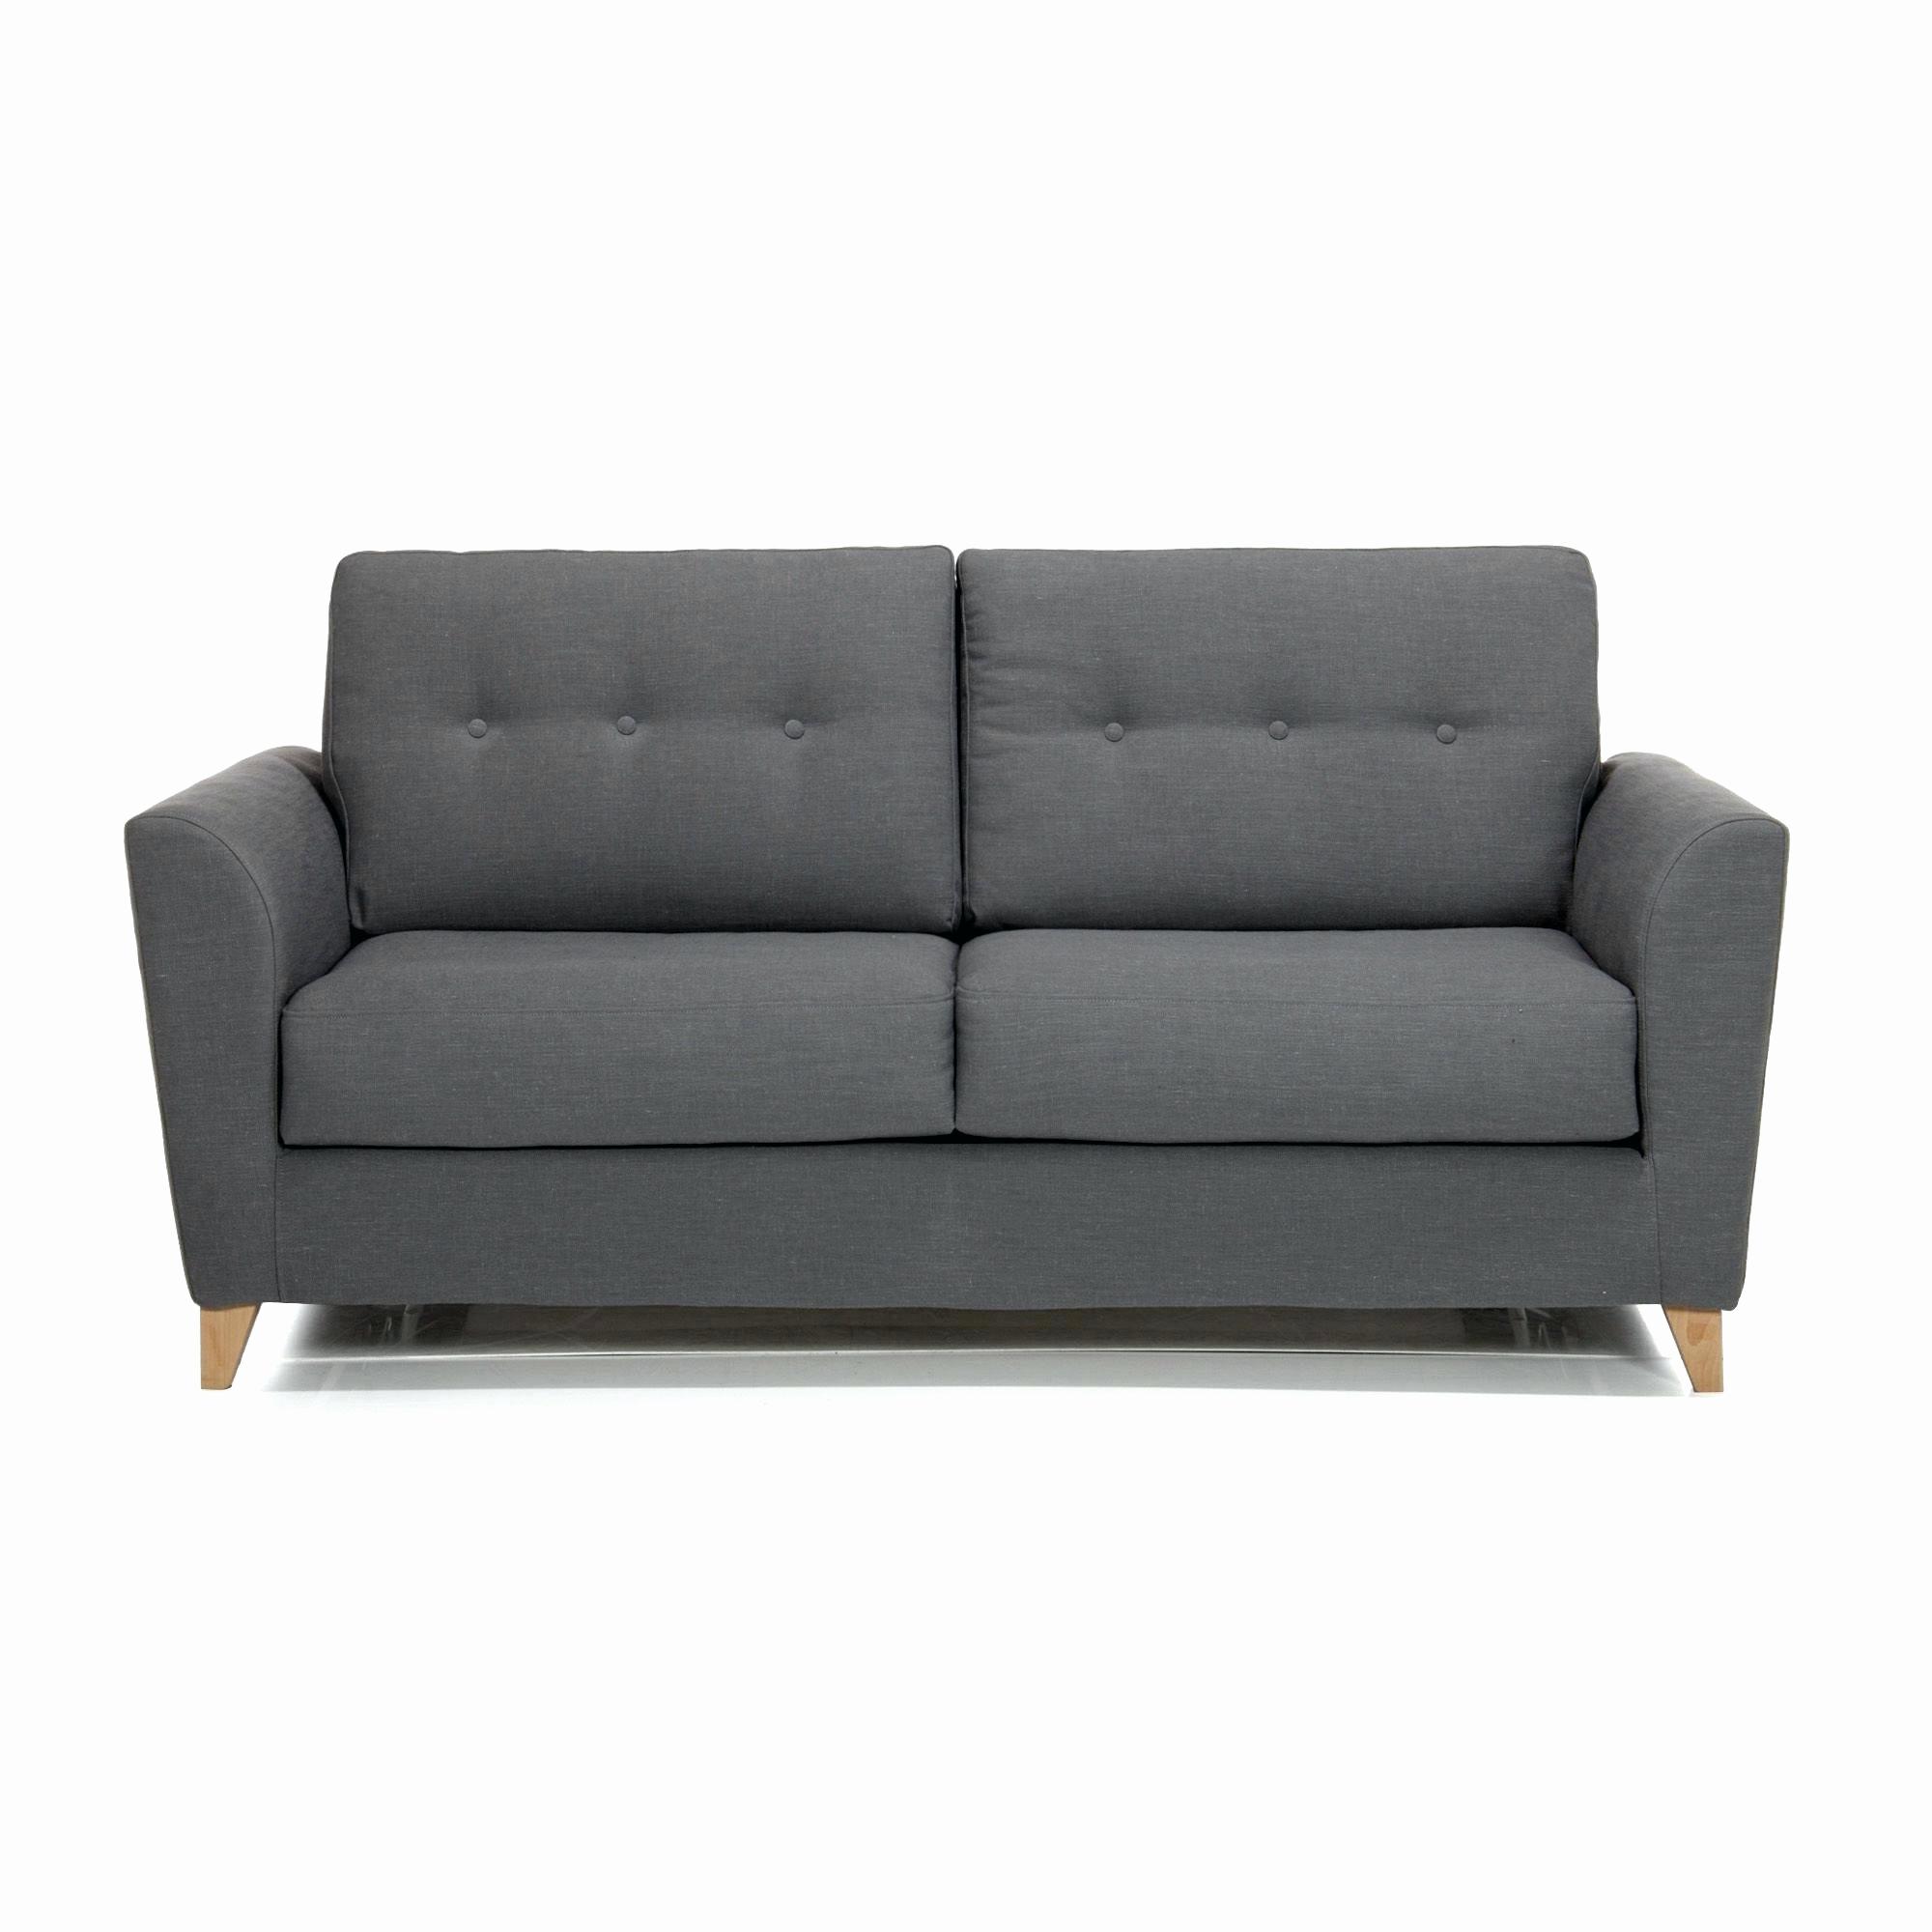 Bz Pas Cher Ikea Inspirant Stock 34 Meilleur De Image De Banquette Bz Ikea